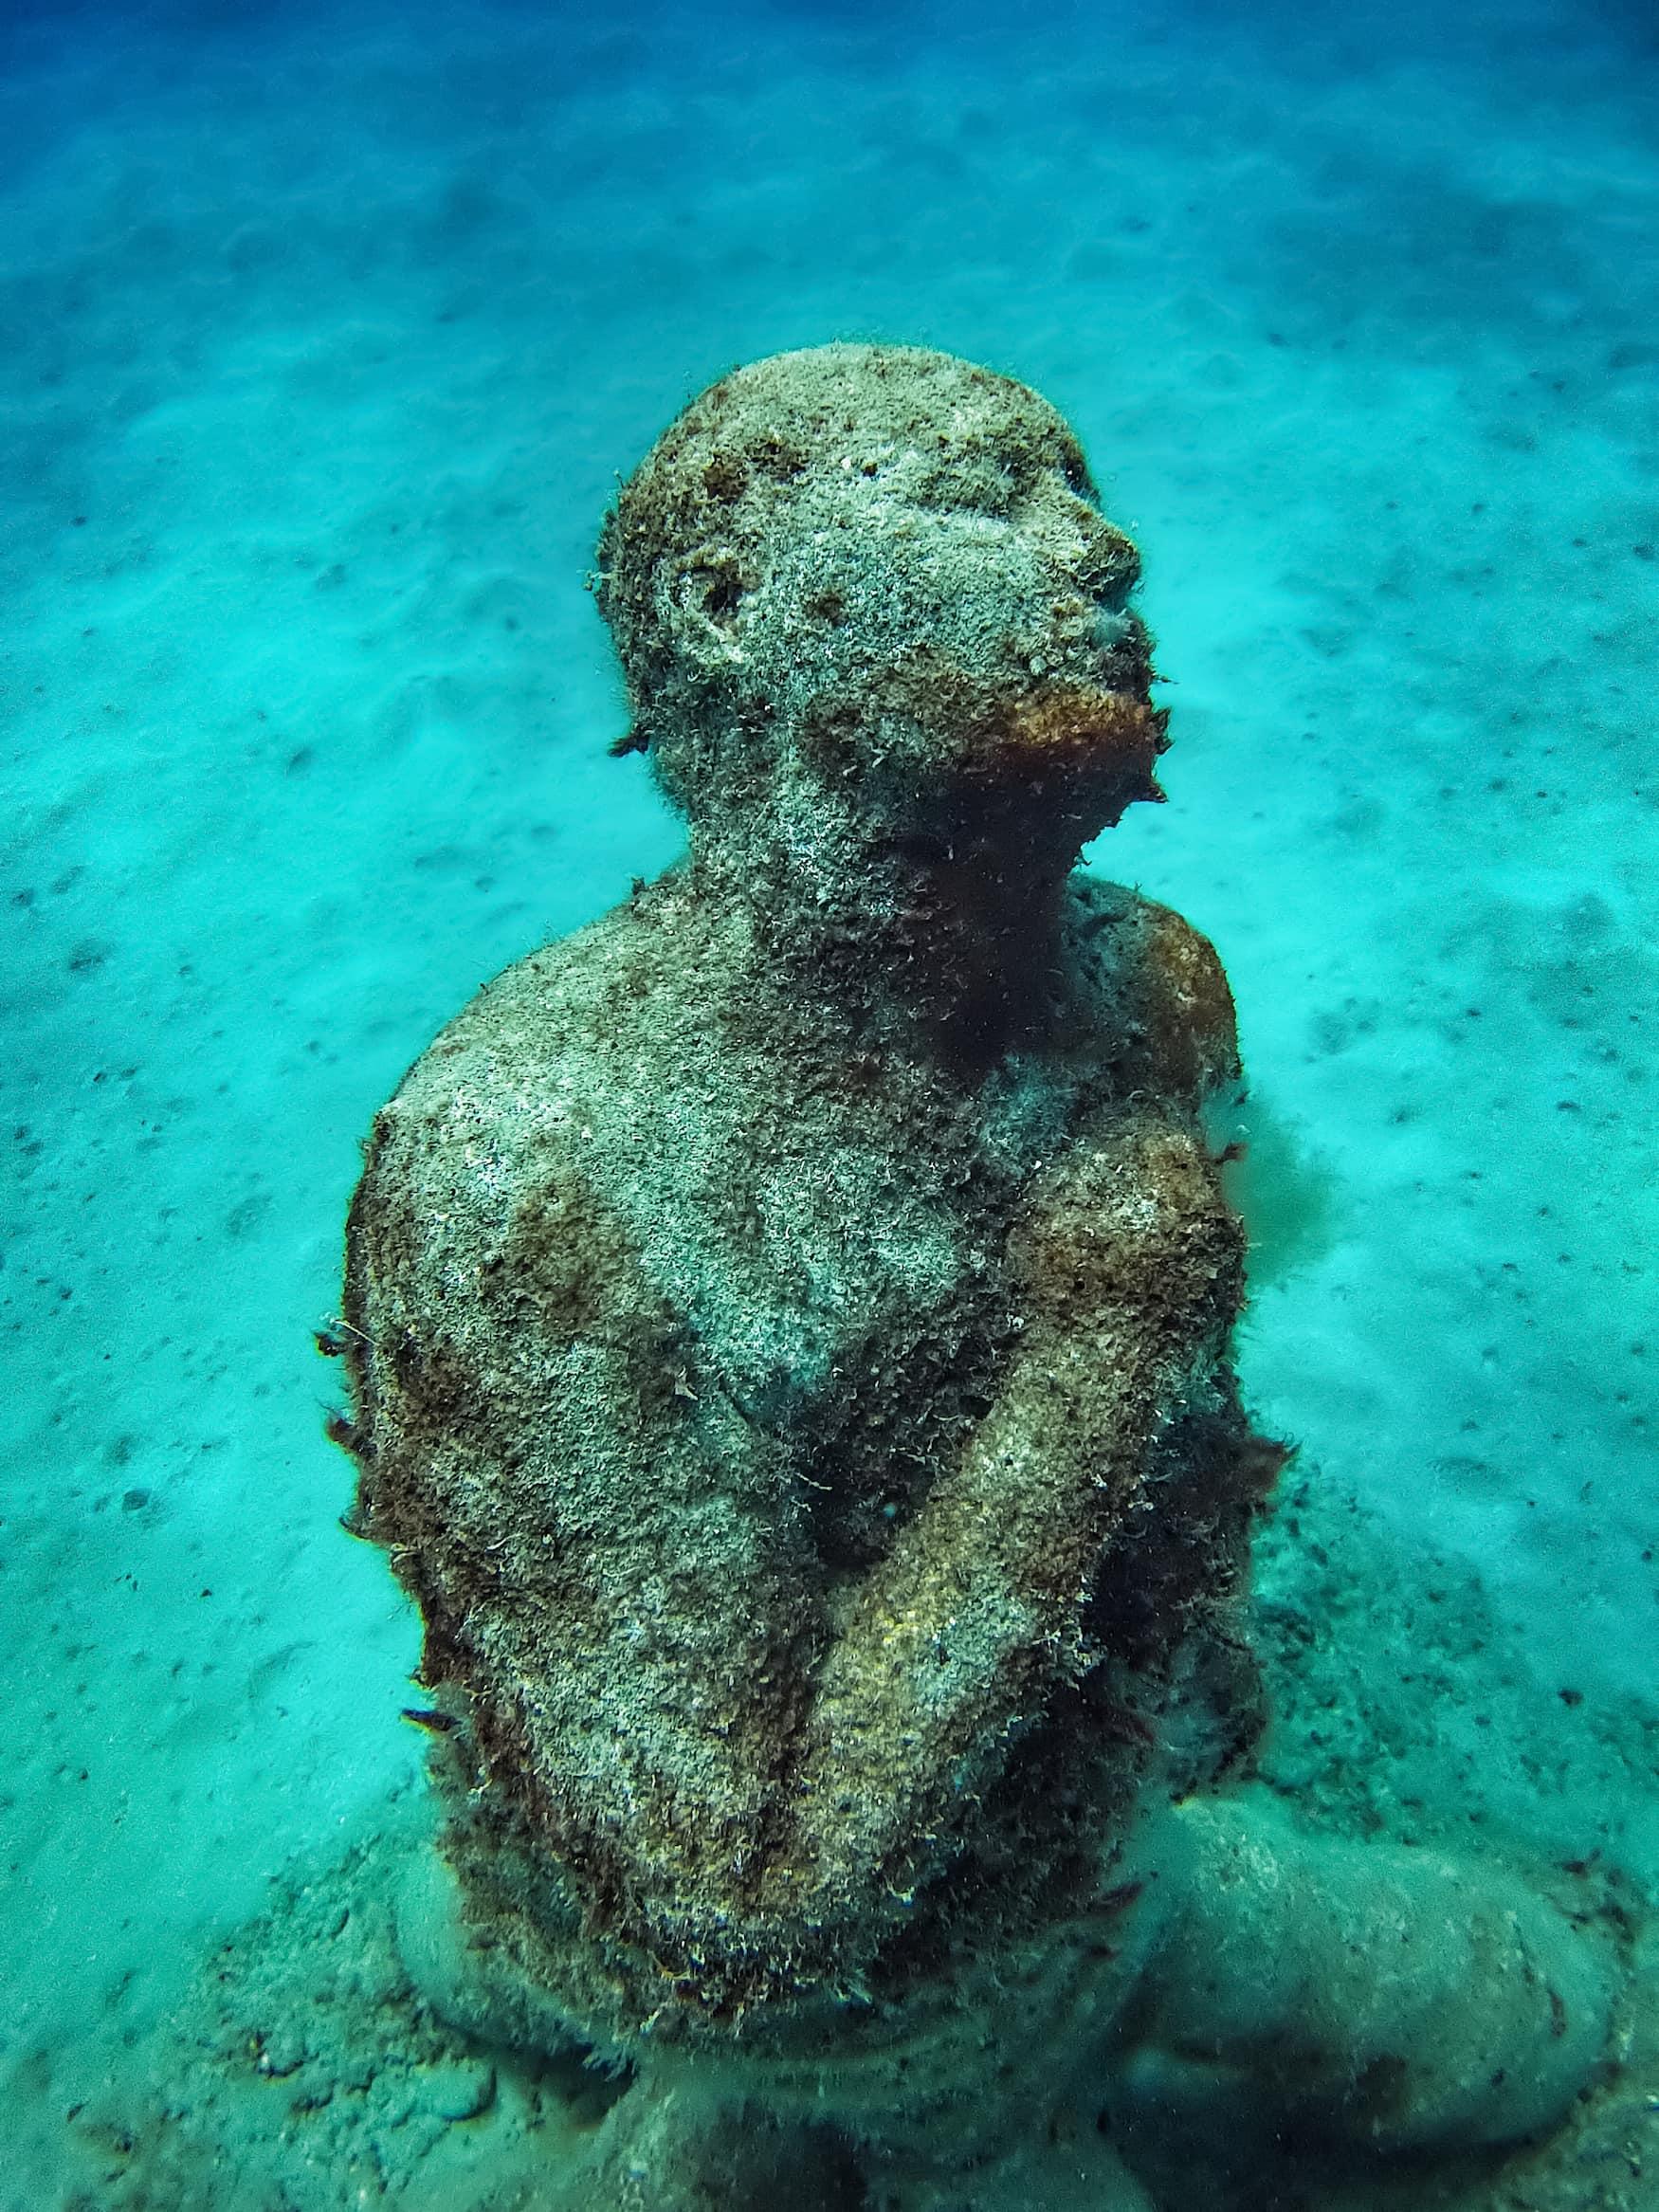 Unsere Lanzarote-Tipps: Besucht unbedingt das Museo Atlantico am Playa Blanca